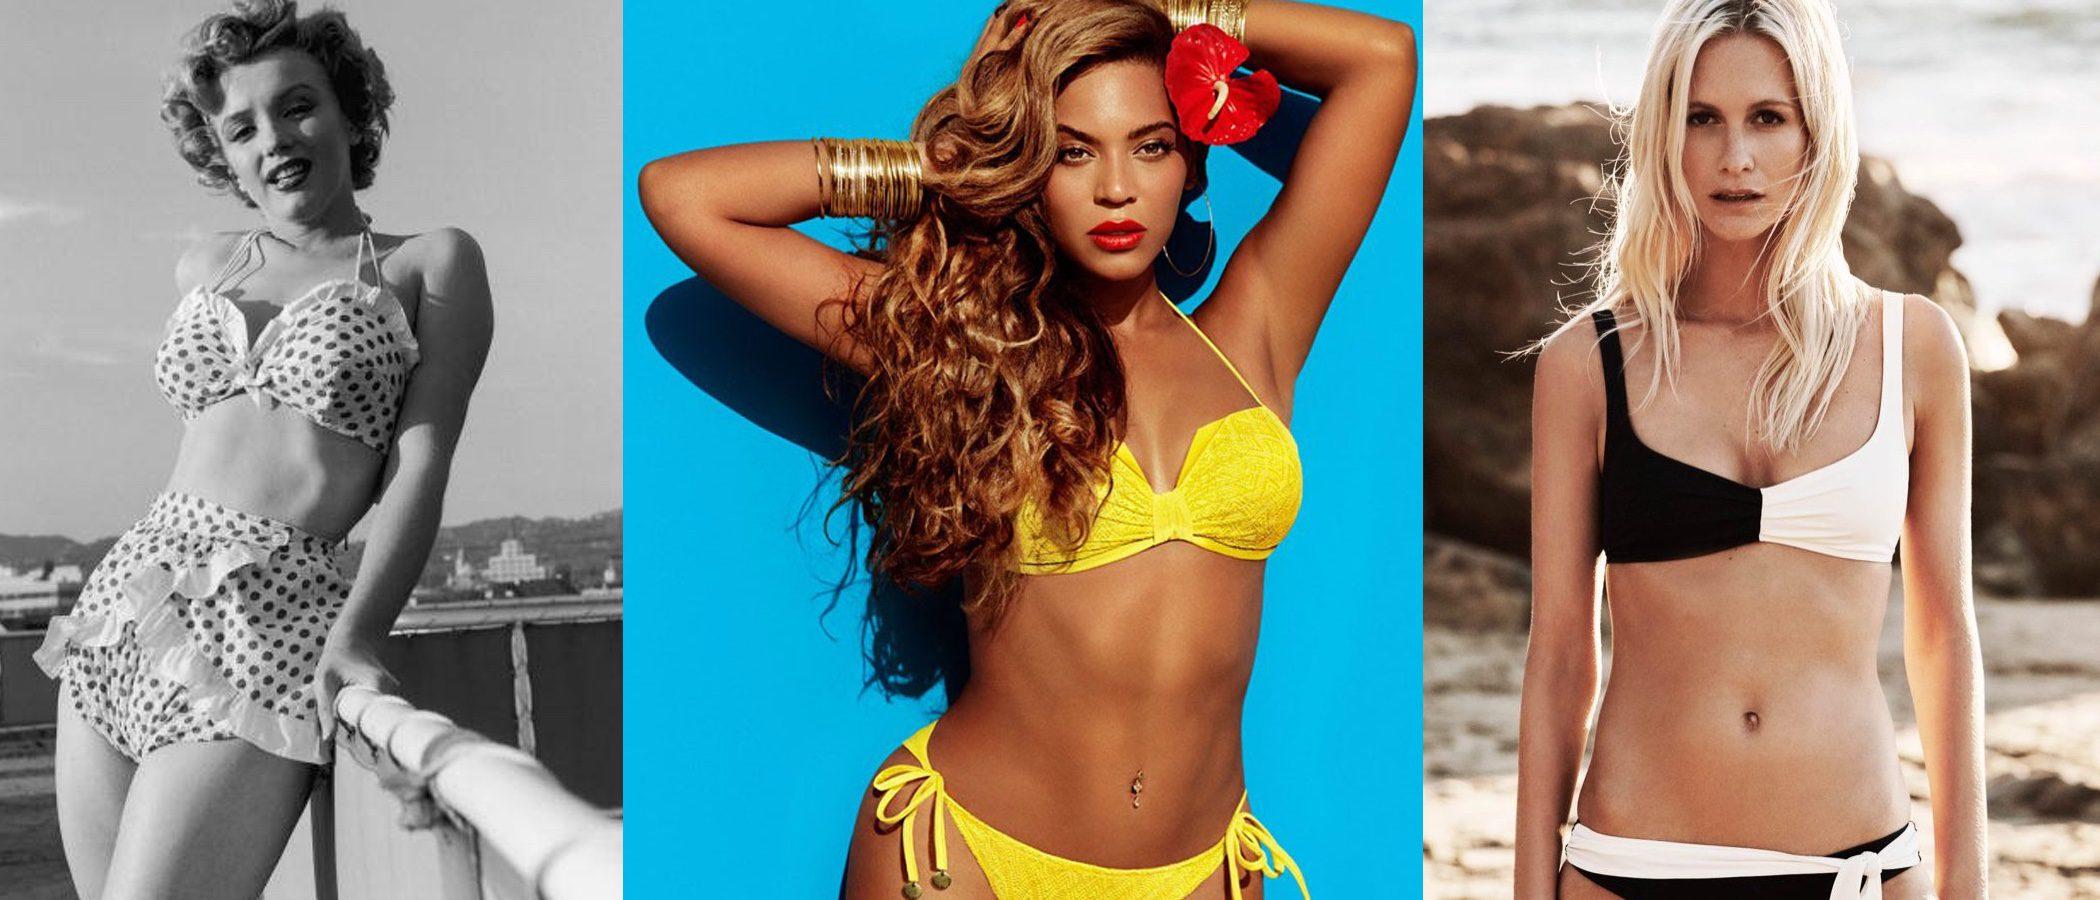 ¡El bikini cumple 70 años! Descubre las 7 tendencias que han marcado su historia